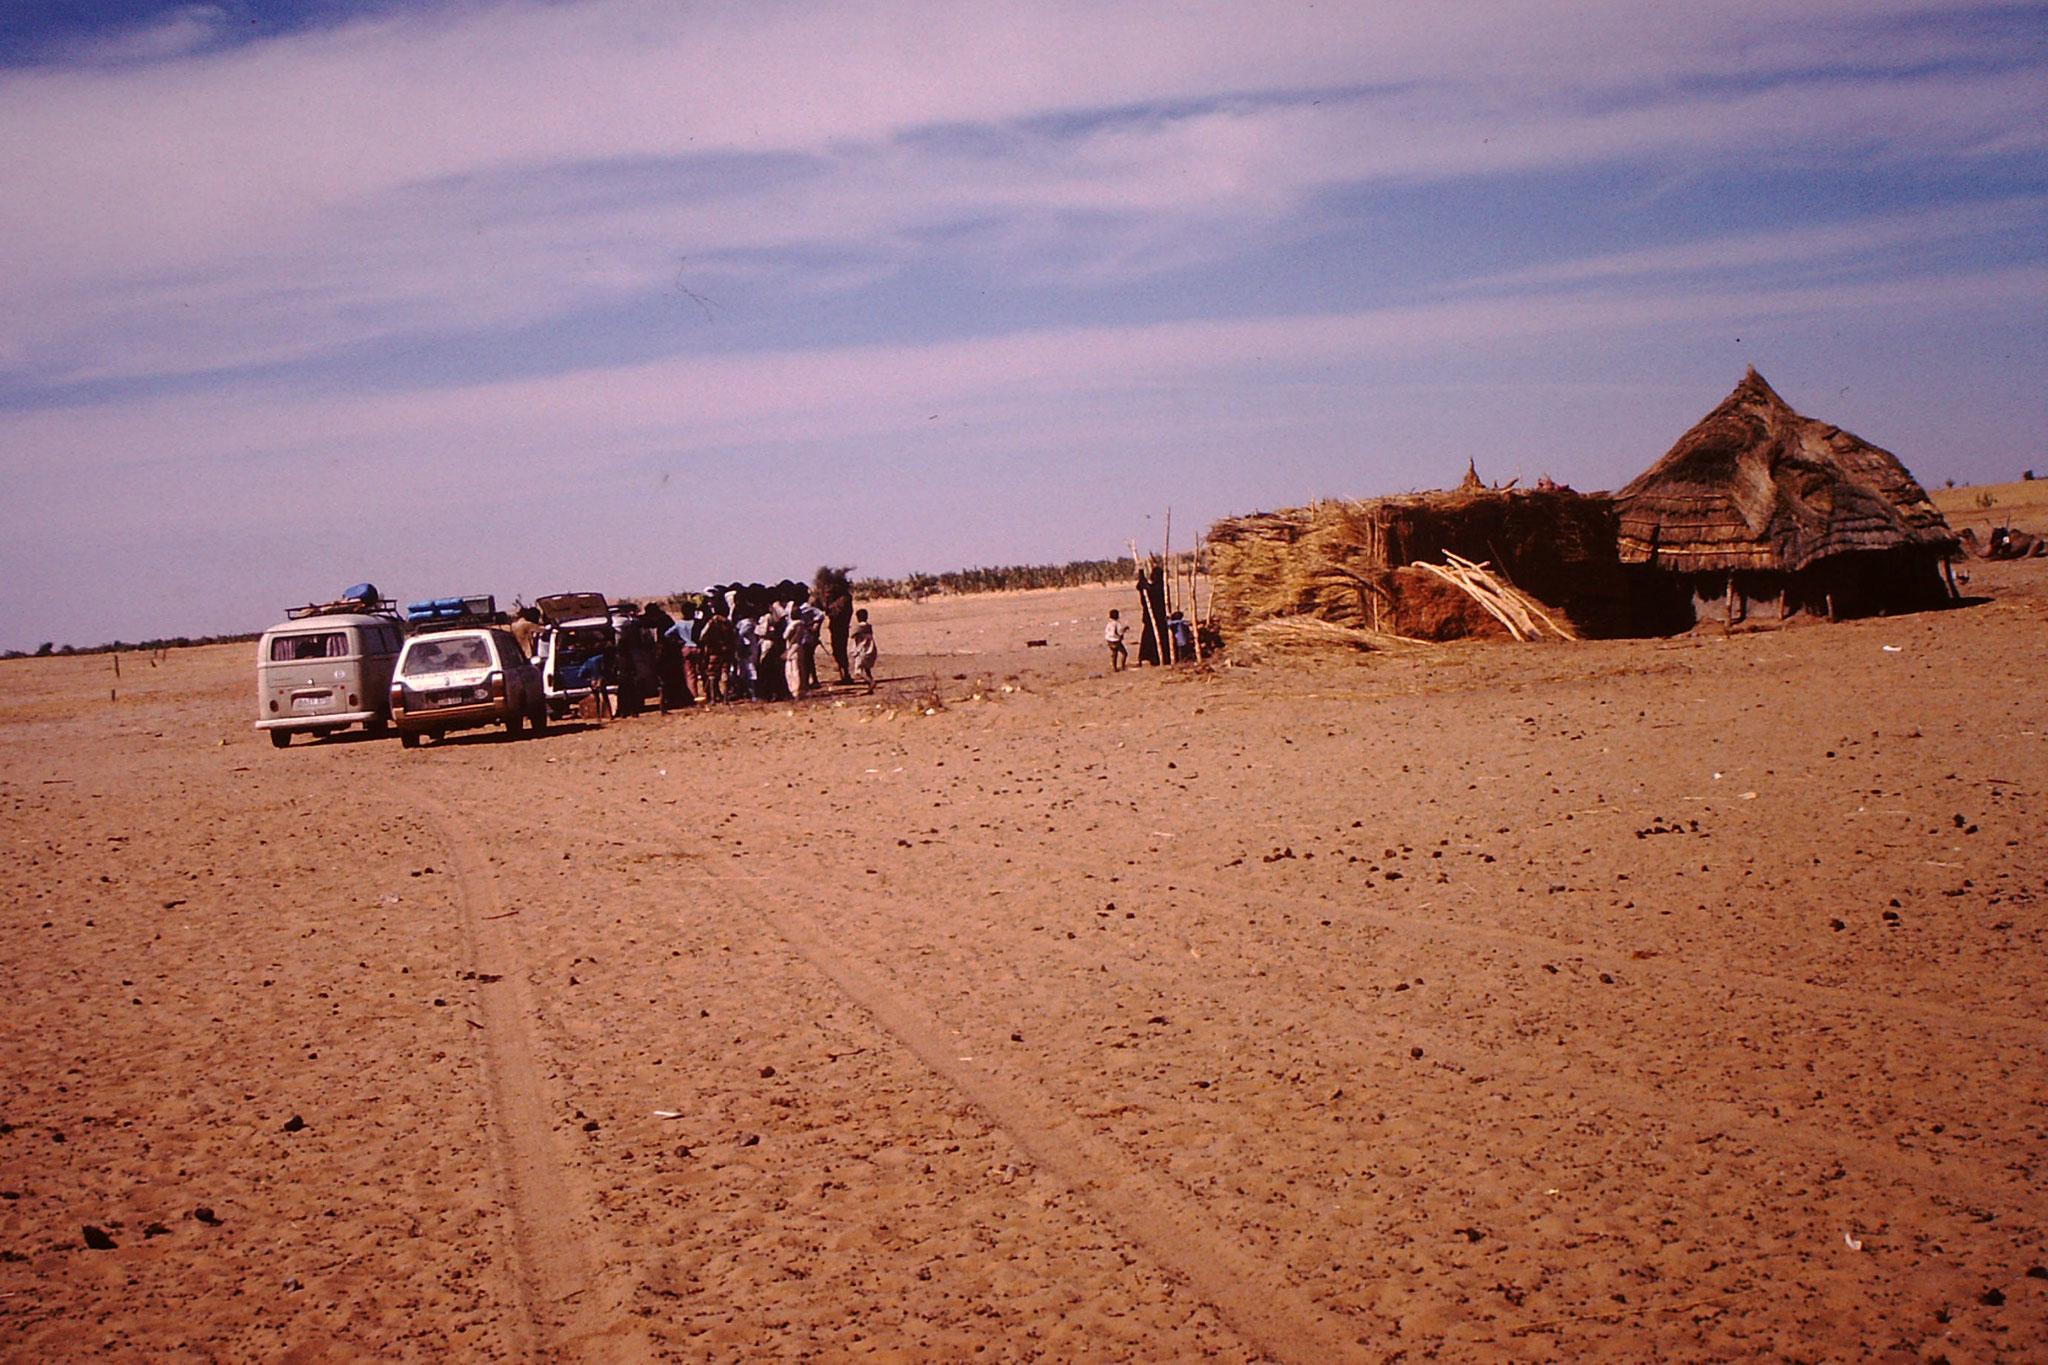 Unser Konvoi zwischen in Waggeur und Tchin Tabaraden. Auf diesem Weg durchquerten wir einen ausgetrockneten Salzsee. So konnten wir die Uranminenstadt Arlit umfahren, und auch Agadez, das ich von früheren Reisen kannte. Diese wenigbefahrene strecke führt